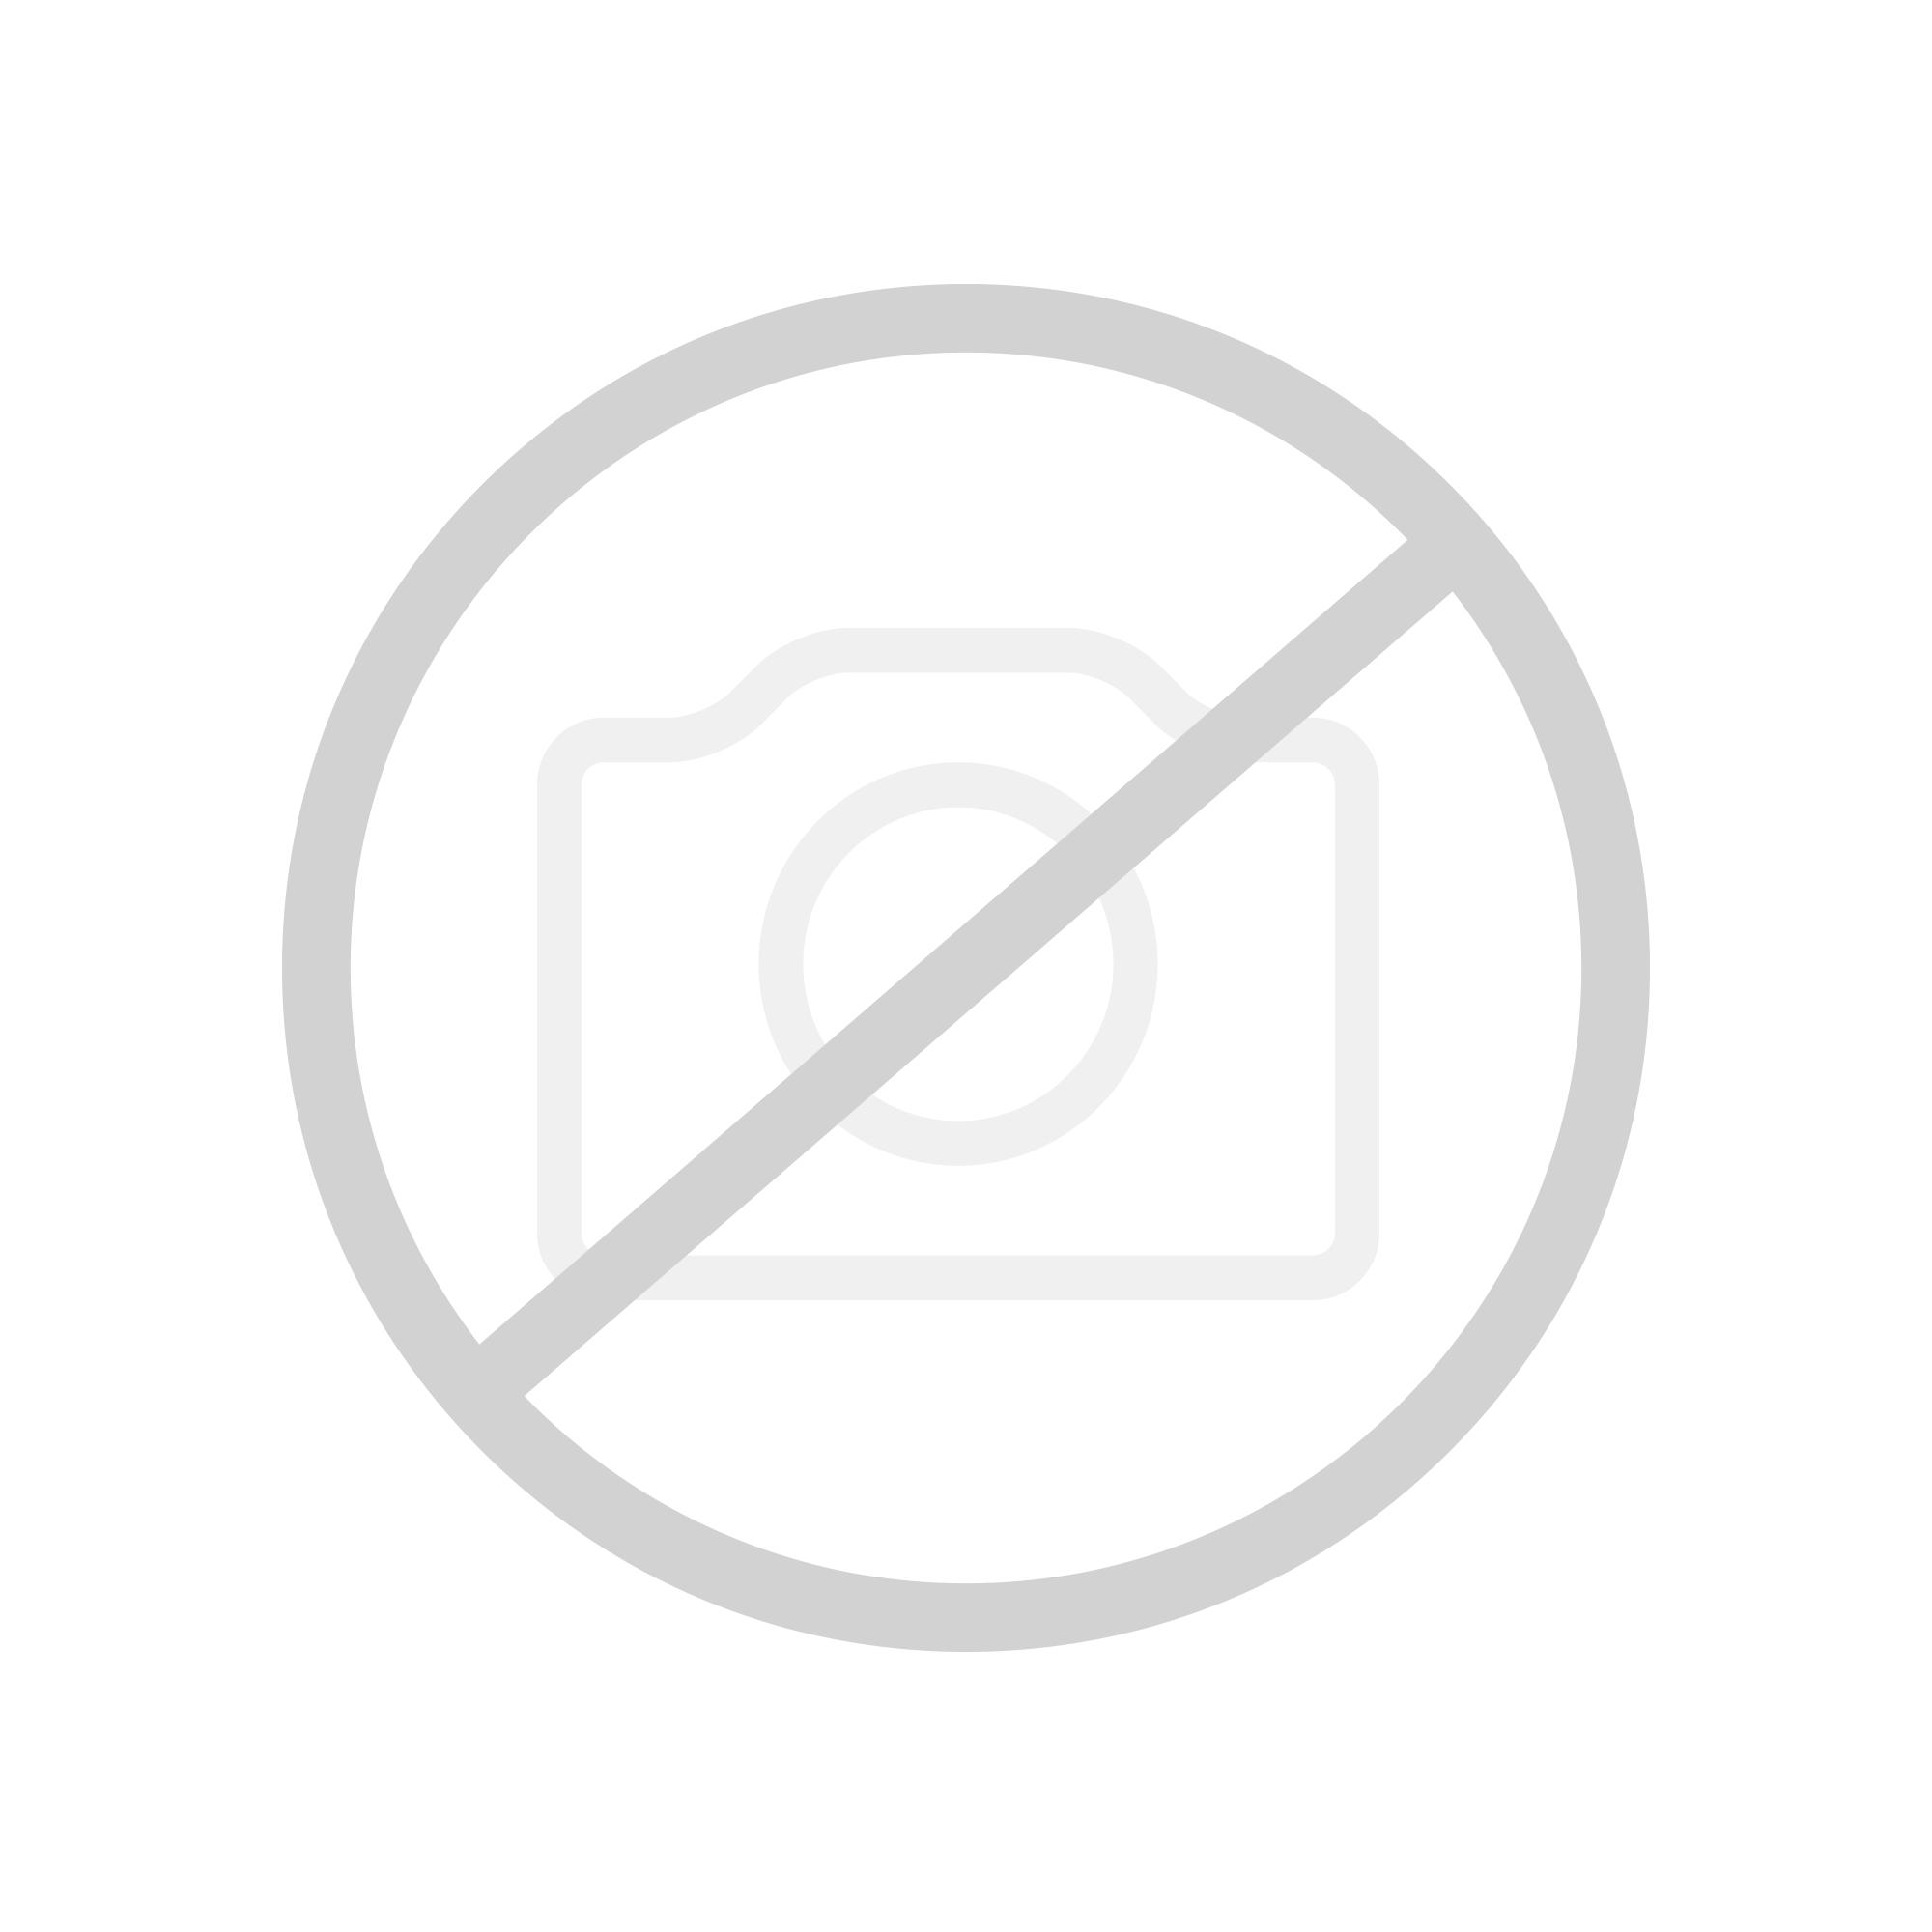 einrichtung badezimmer klein – topby, Badezimmer dekoo